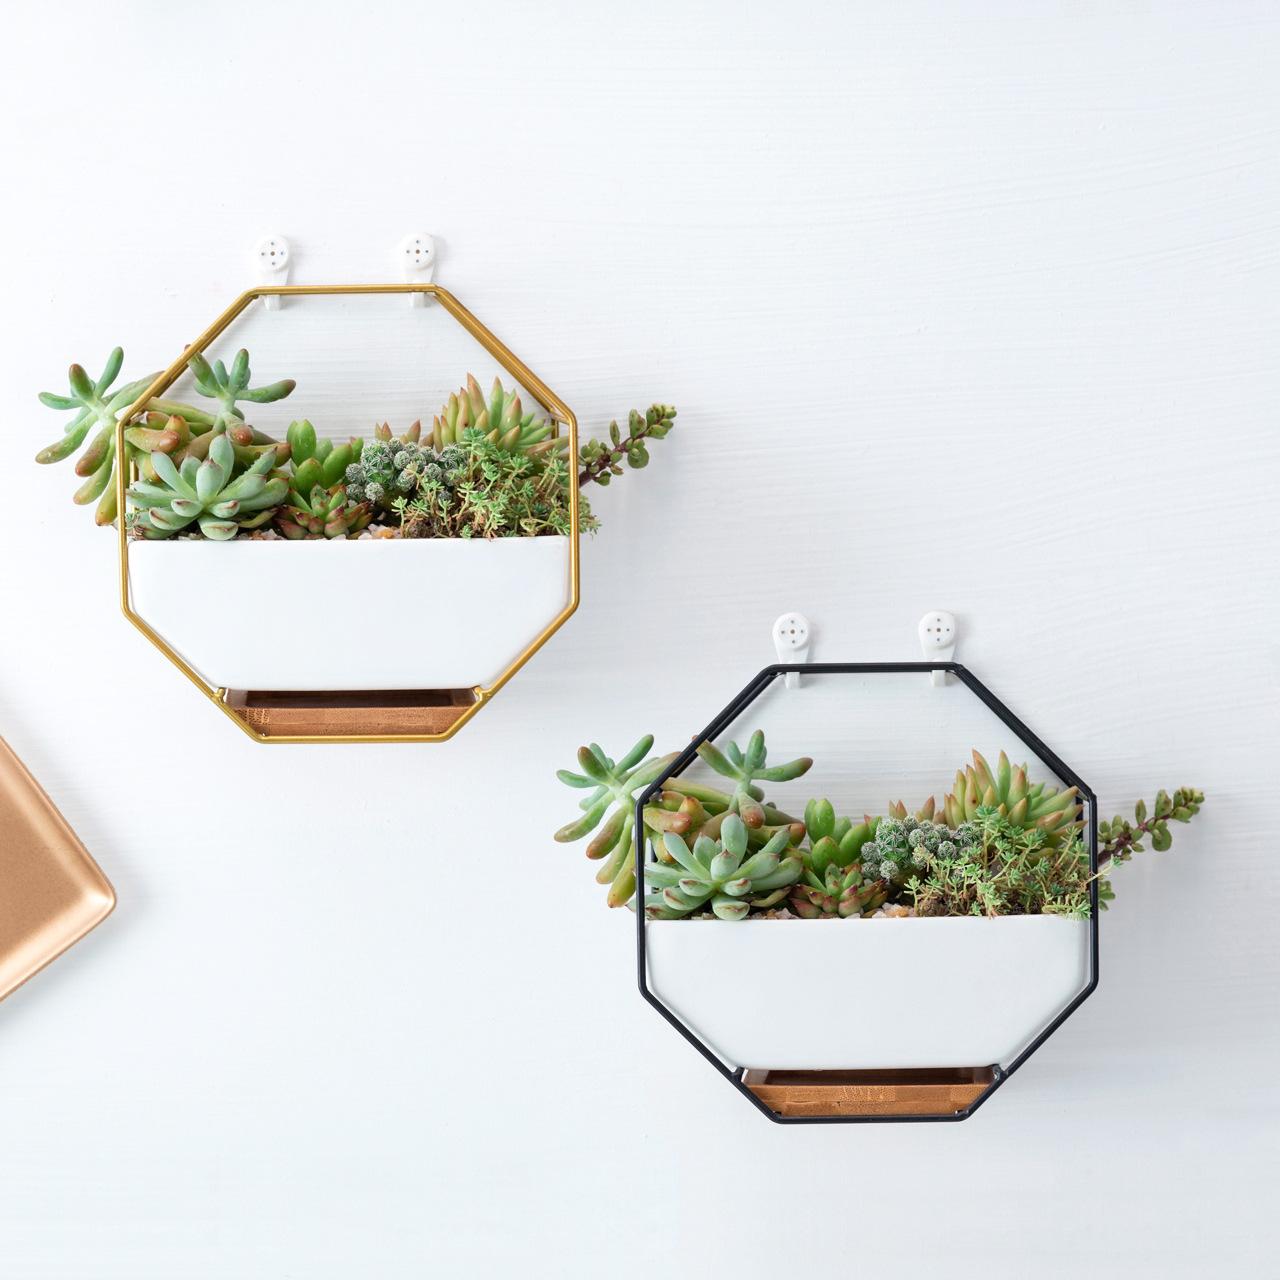 花下居创意北欧简约八边形ins铁艺陶瓷竹托花盆 壁挂多肉花盆套装